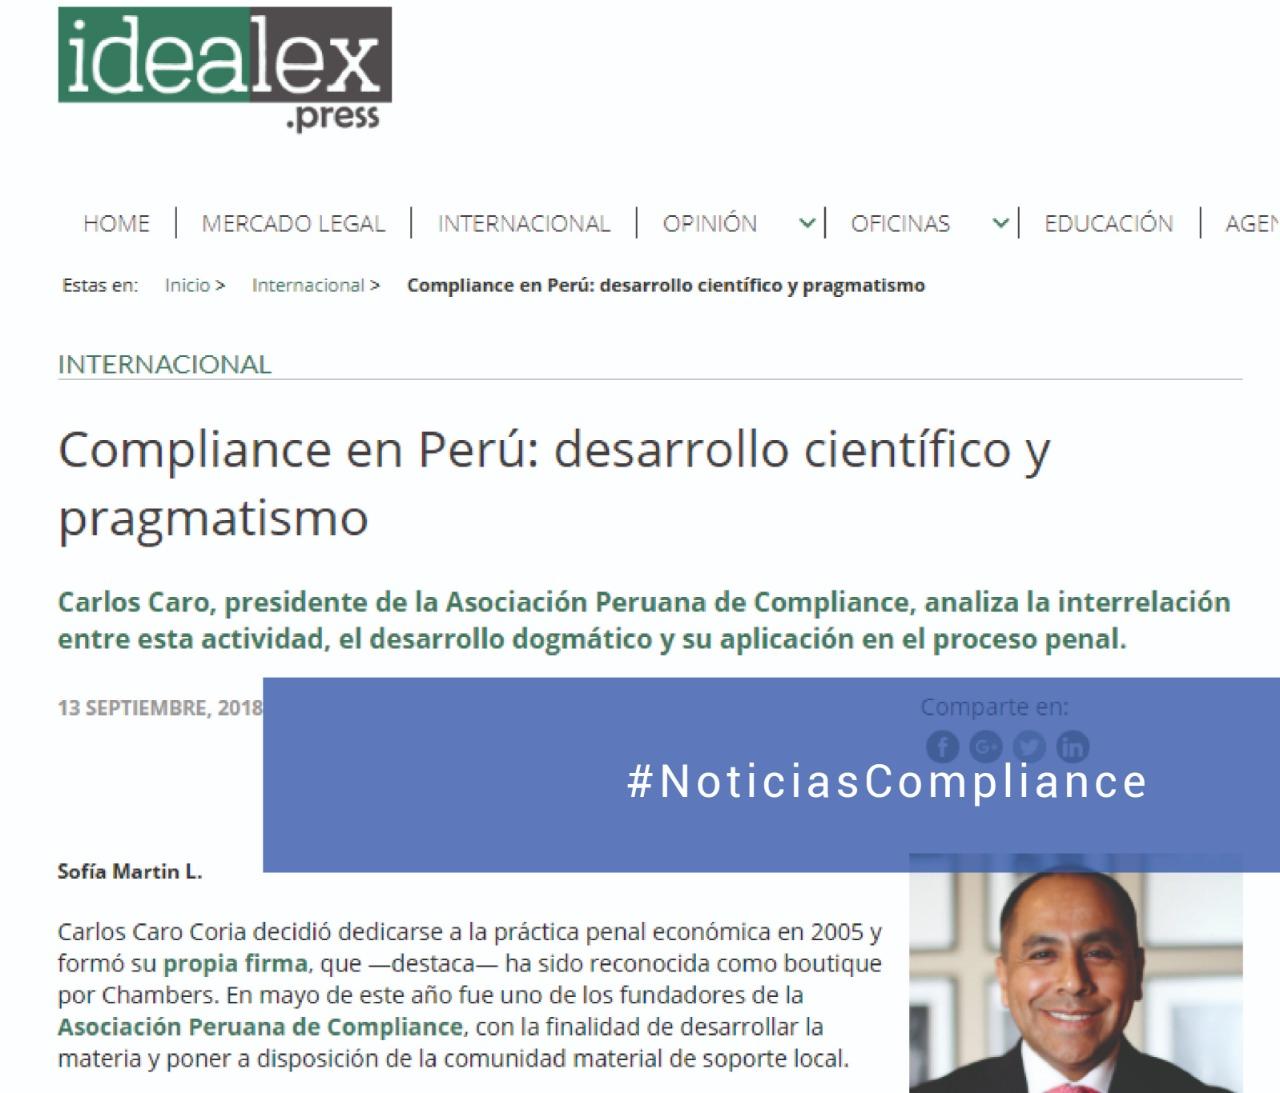 Compliance In Peru: Scientific And Pragmatic Development